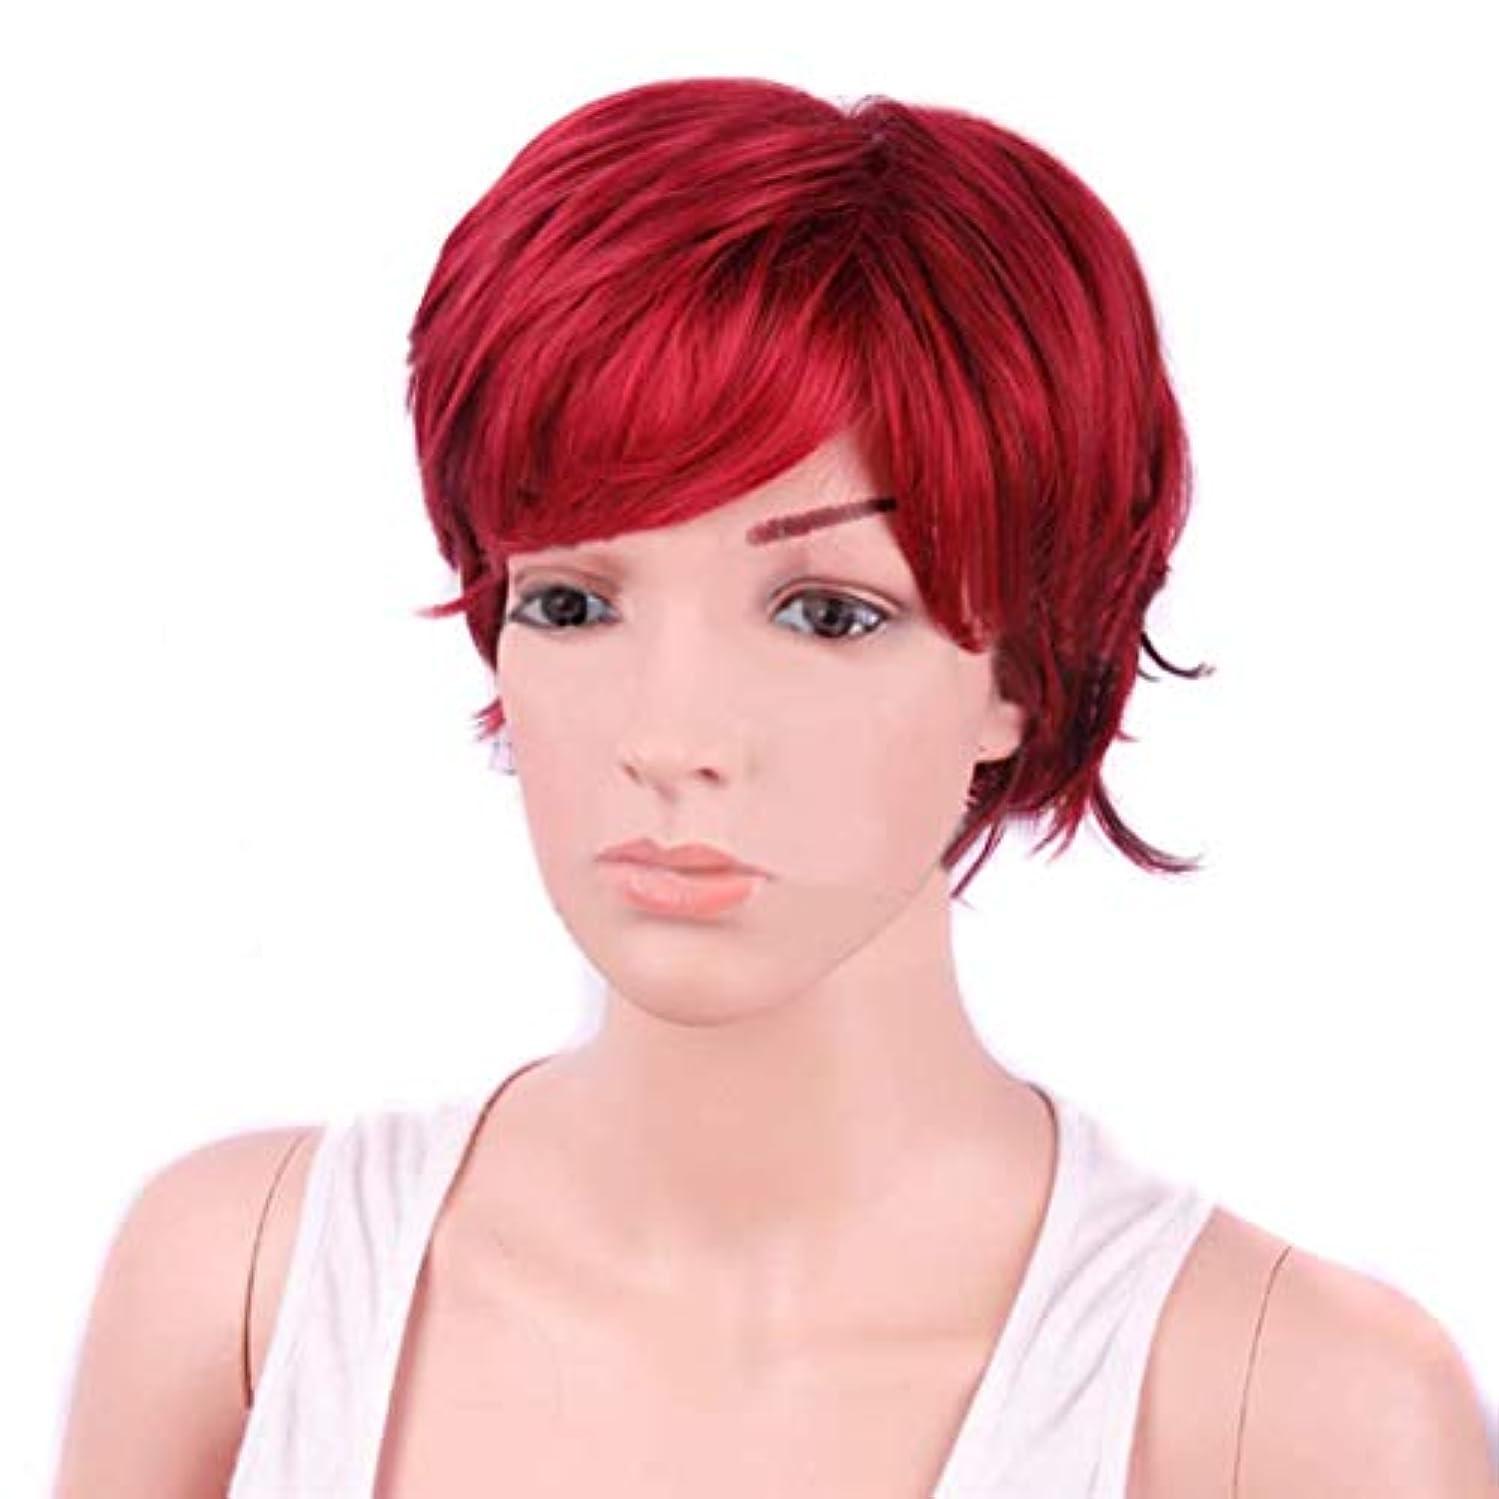 聡明窒息させるフォージYOUQIU 女性の耐熱ウィッグ12インチ/部分斜め前髪ウィッグウィッグで9inchショートテクスチャ部分かつらのためにボボかつら (色 : ワインレッド)